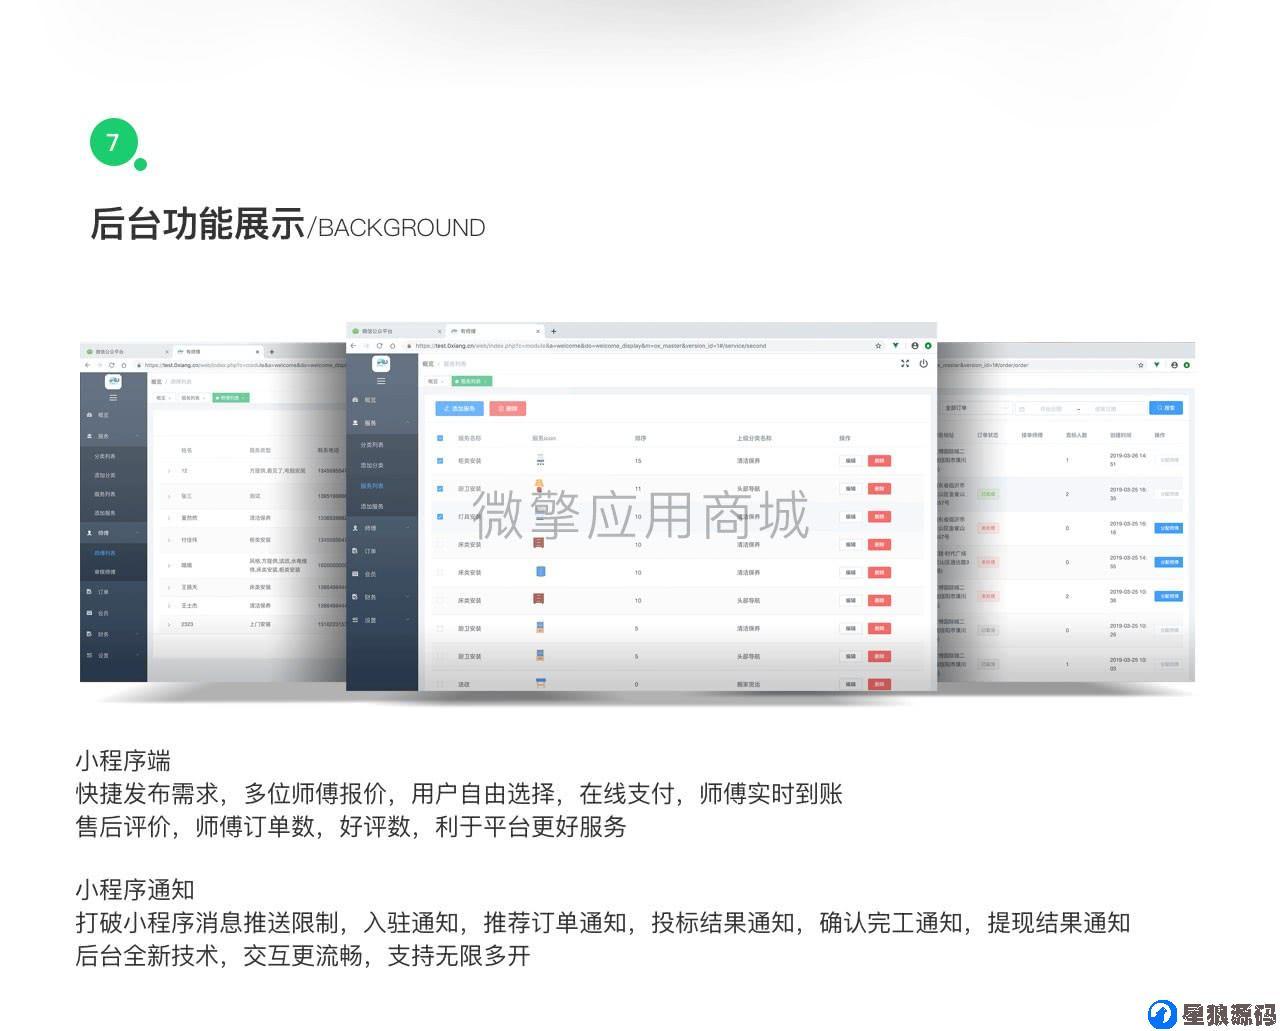 有师傅小程序V2.4.12最新版源码开源可运营(星狼已测试) 第1张